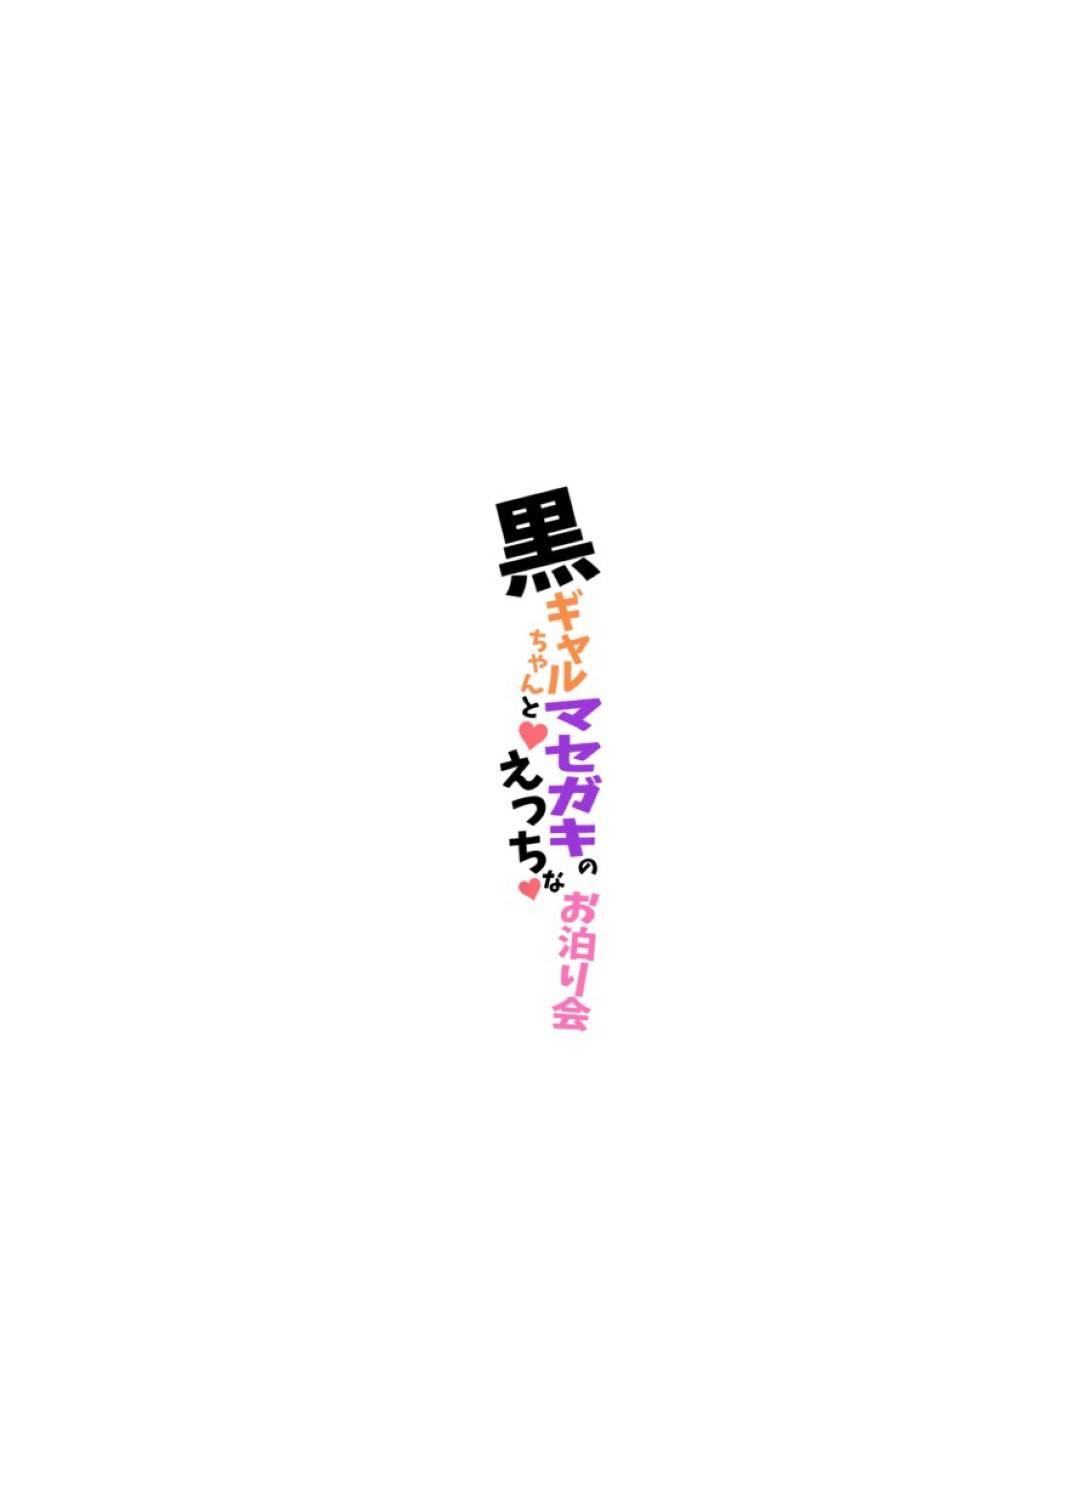 【エロ漫画】【エロ漫画】親不在のマセたガキを預かることになった黒ギャルJK…二人きりを狙ってお風呂でガキをエロな誘惑で初めての勃起を体感させて、ギャル指導でガキの童貞卒業ガチイキSEX【ぽろん:黒ギャルちゃんとマセガキのえっちなお泊り会】